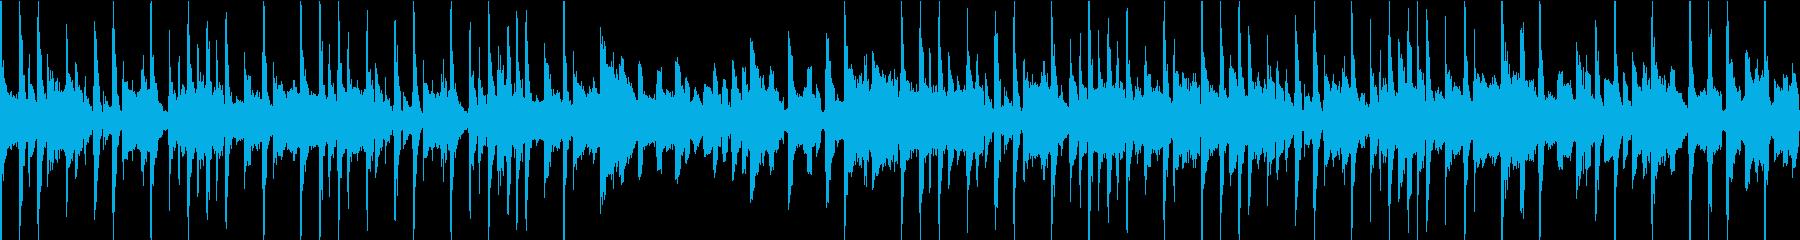 ループ仕様 シンキングタイム 考え中の再生済みの波形